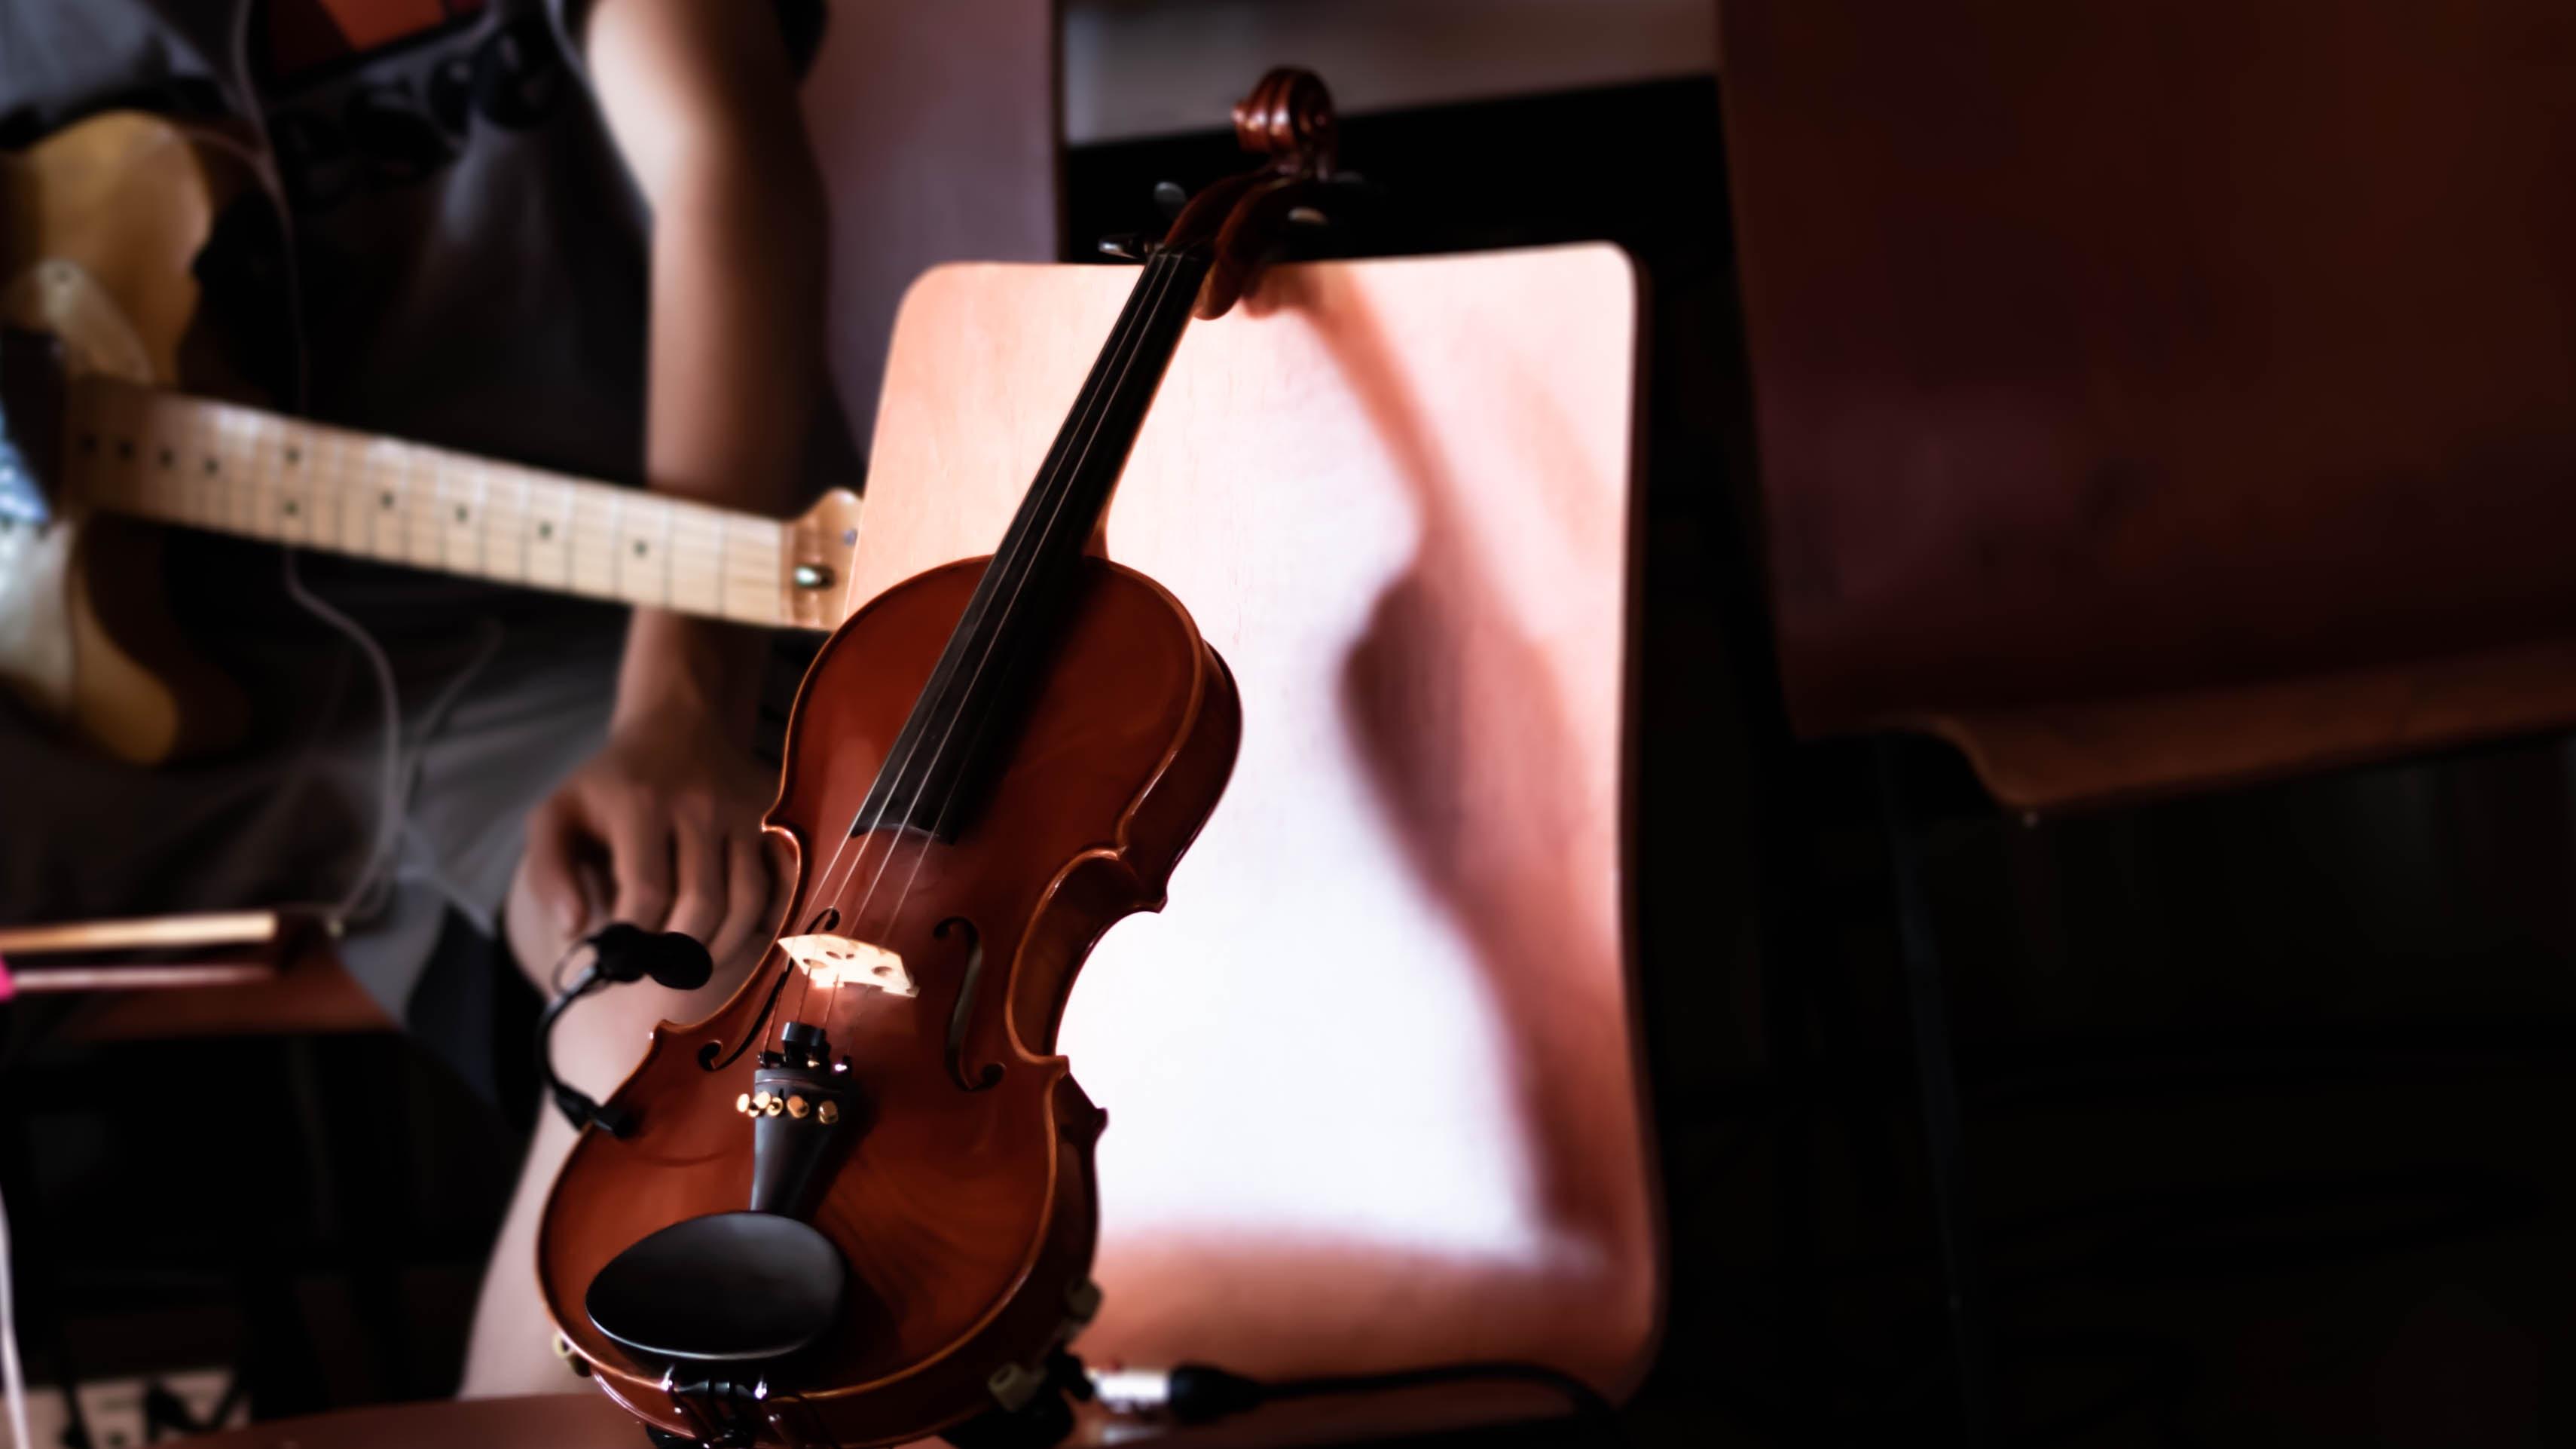 CORSI DI MUSICA E LABORATORI MUSICALI PER ADULTI